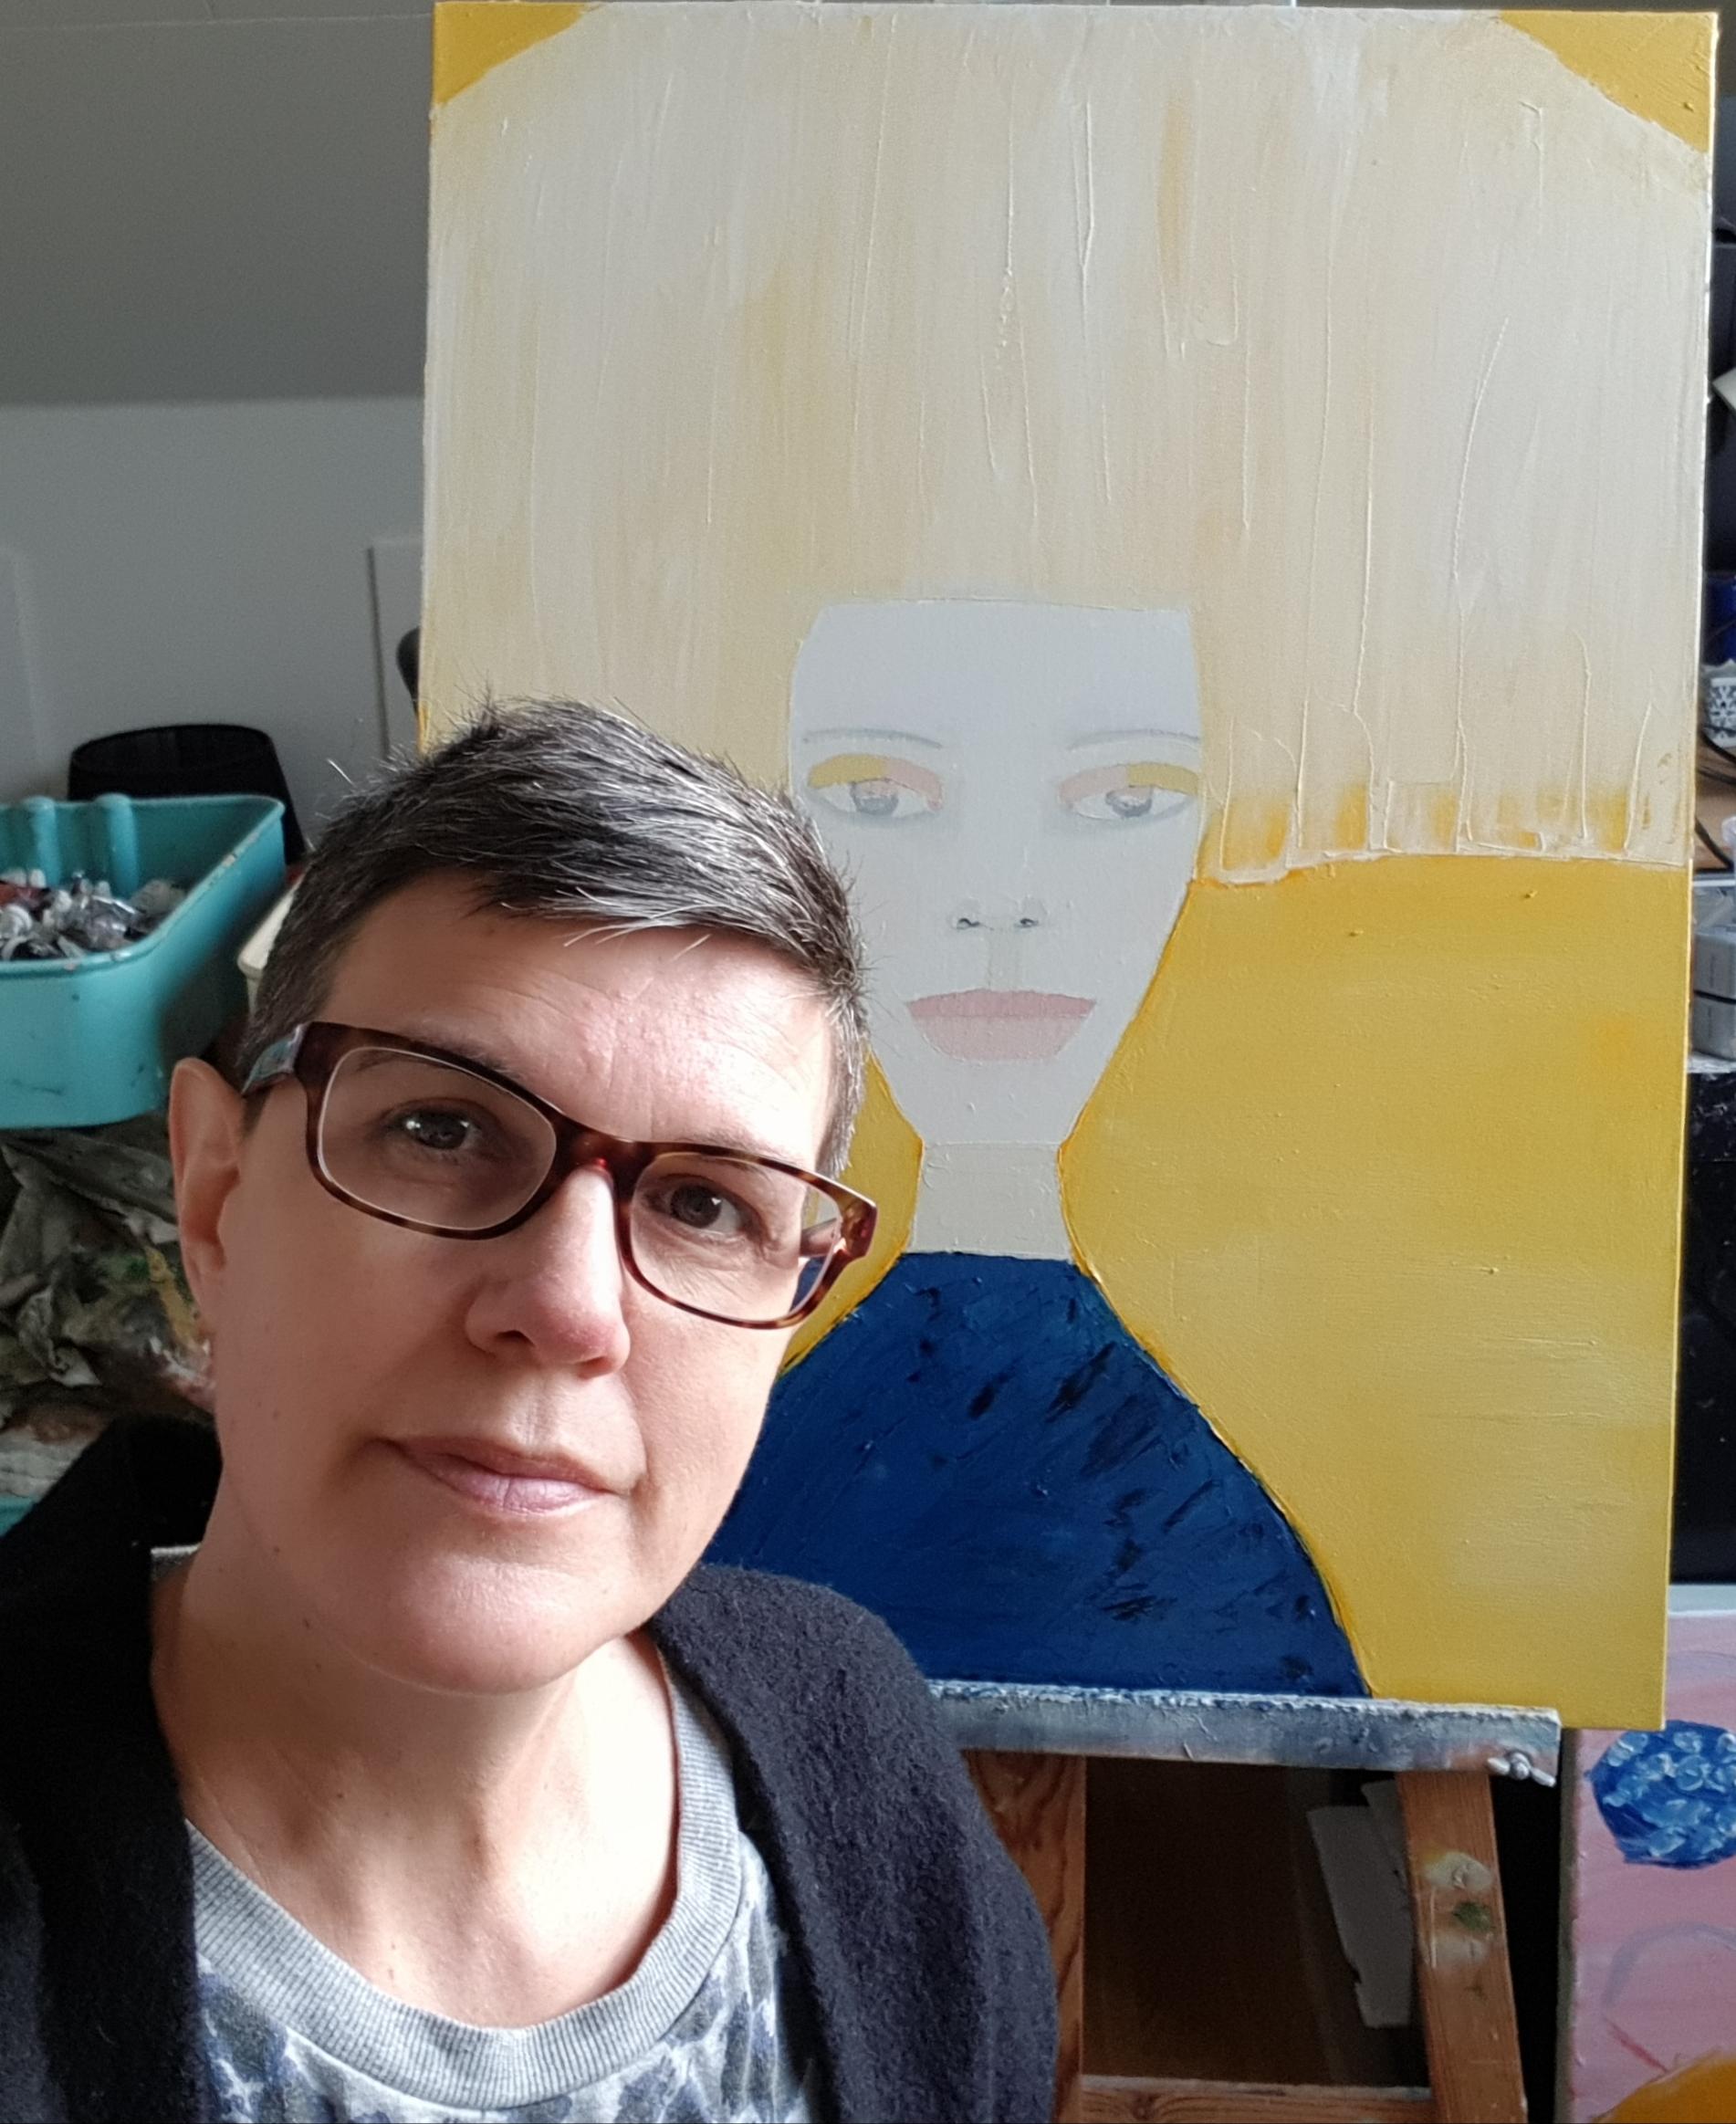 Konstnären själv framför senaste tavlan, Defined meaning, 60 x 80 cm i olja.